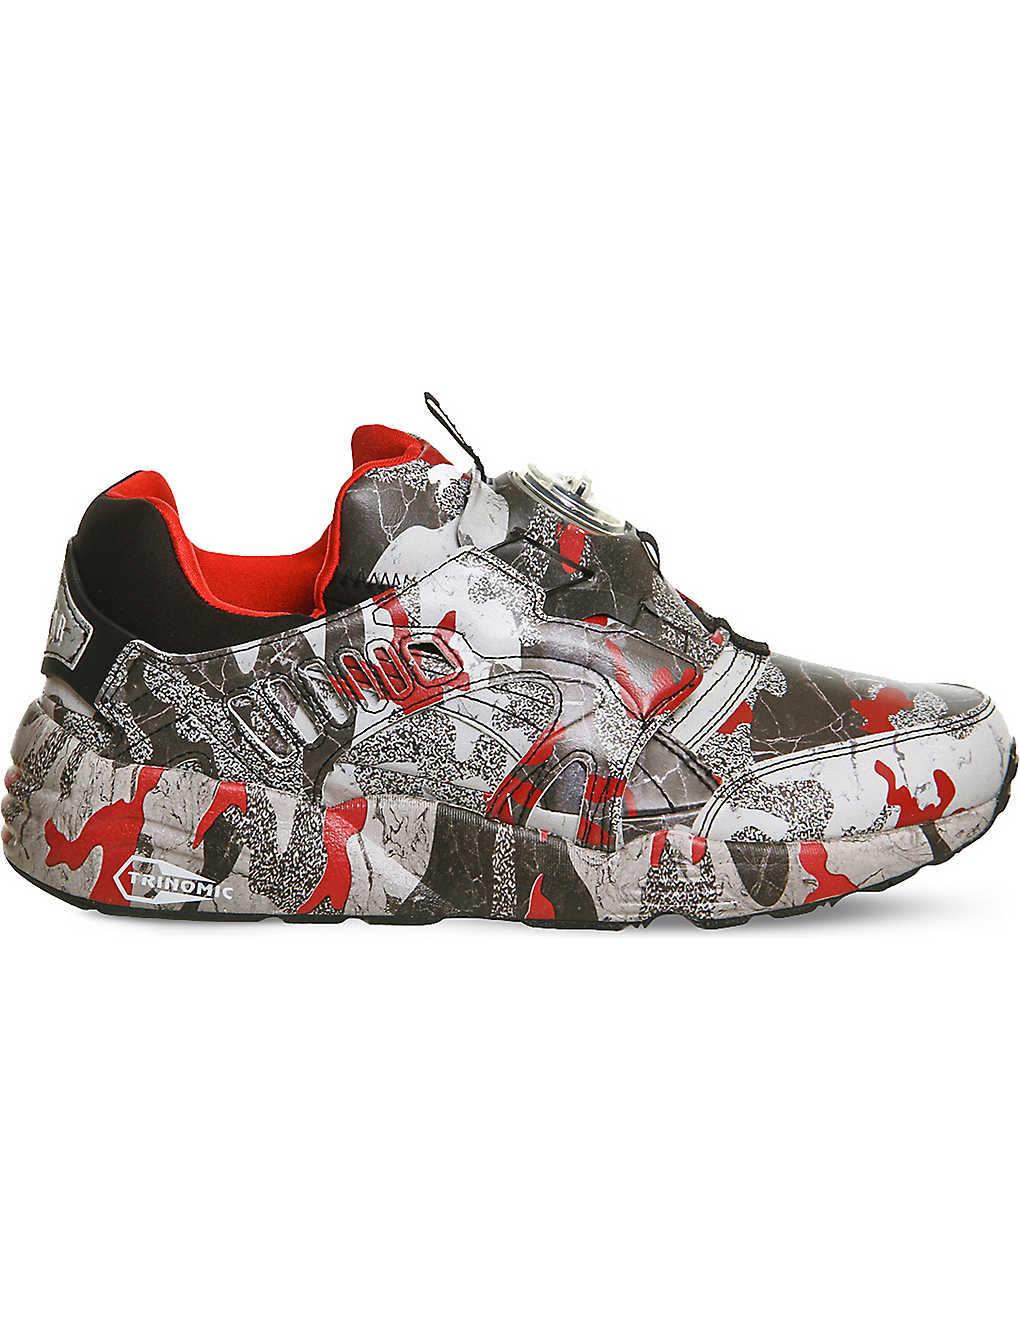 885503dd16b PUMA - Puma x trapstar disc blaze camo trainers   Selfridges.com